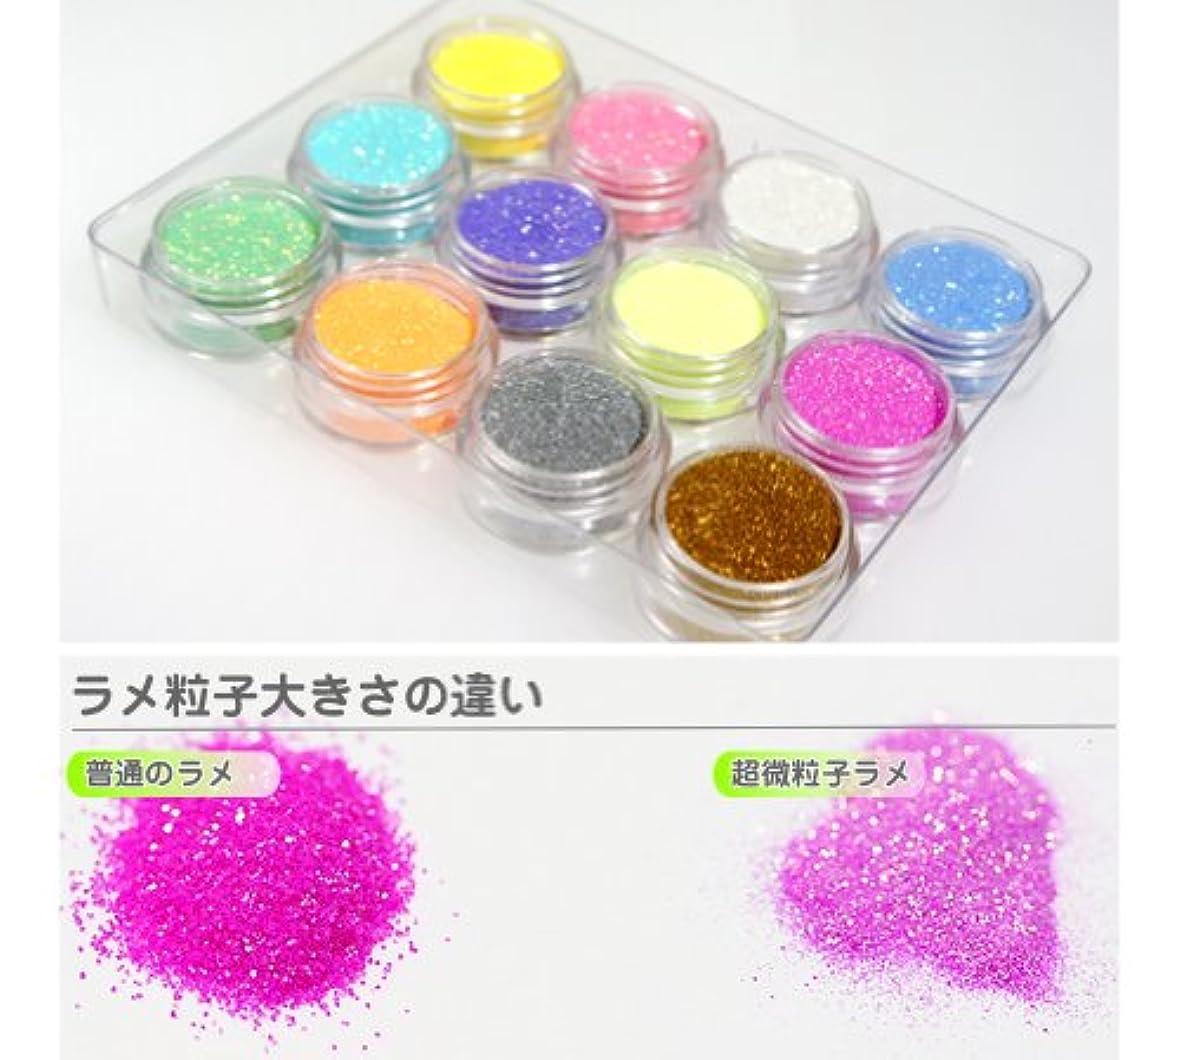 エスニック活発祝うネオコレクションオリジナル☆超微粒子ラメパウダー0.1mm、砂のようにサラサラで抜群の発色 ジェルネイルアートに!